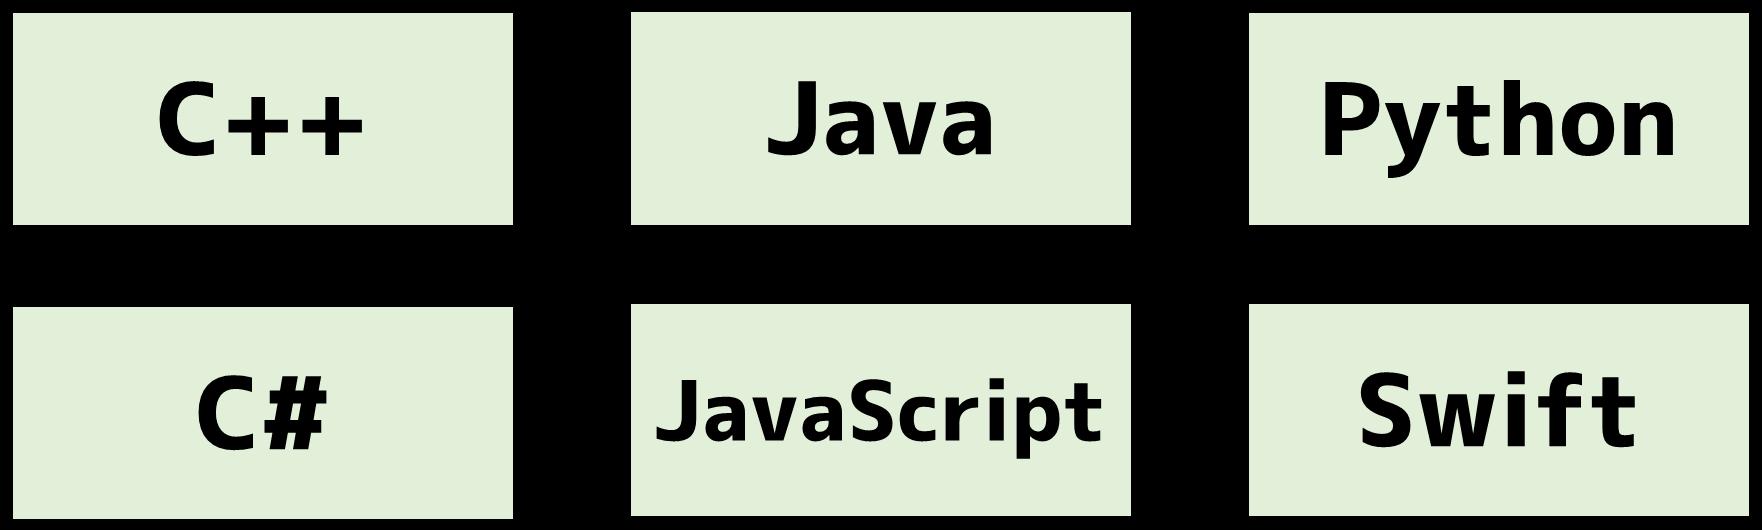 オブジェクト指向言語